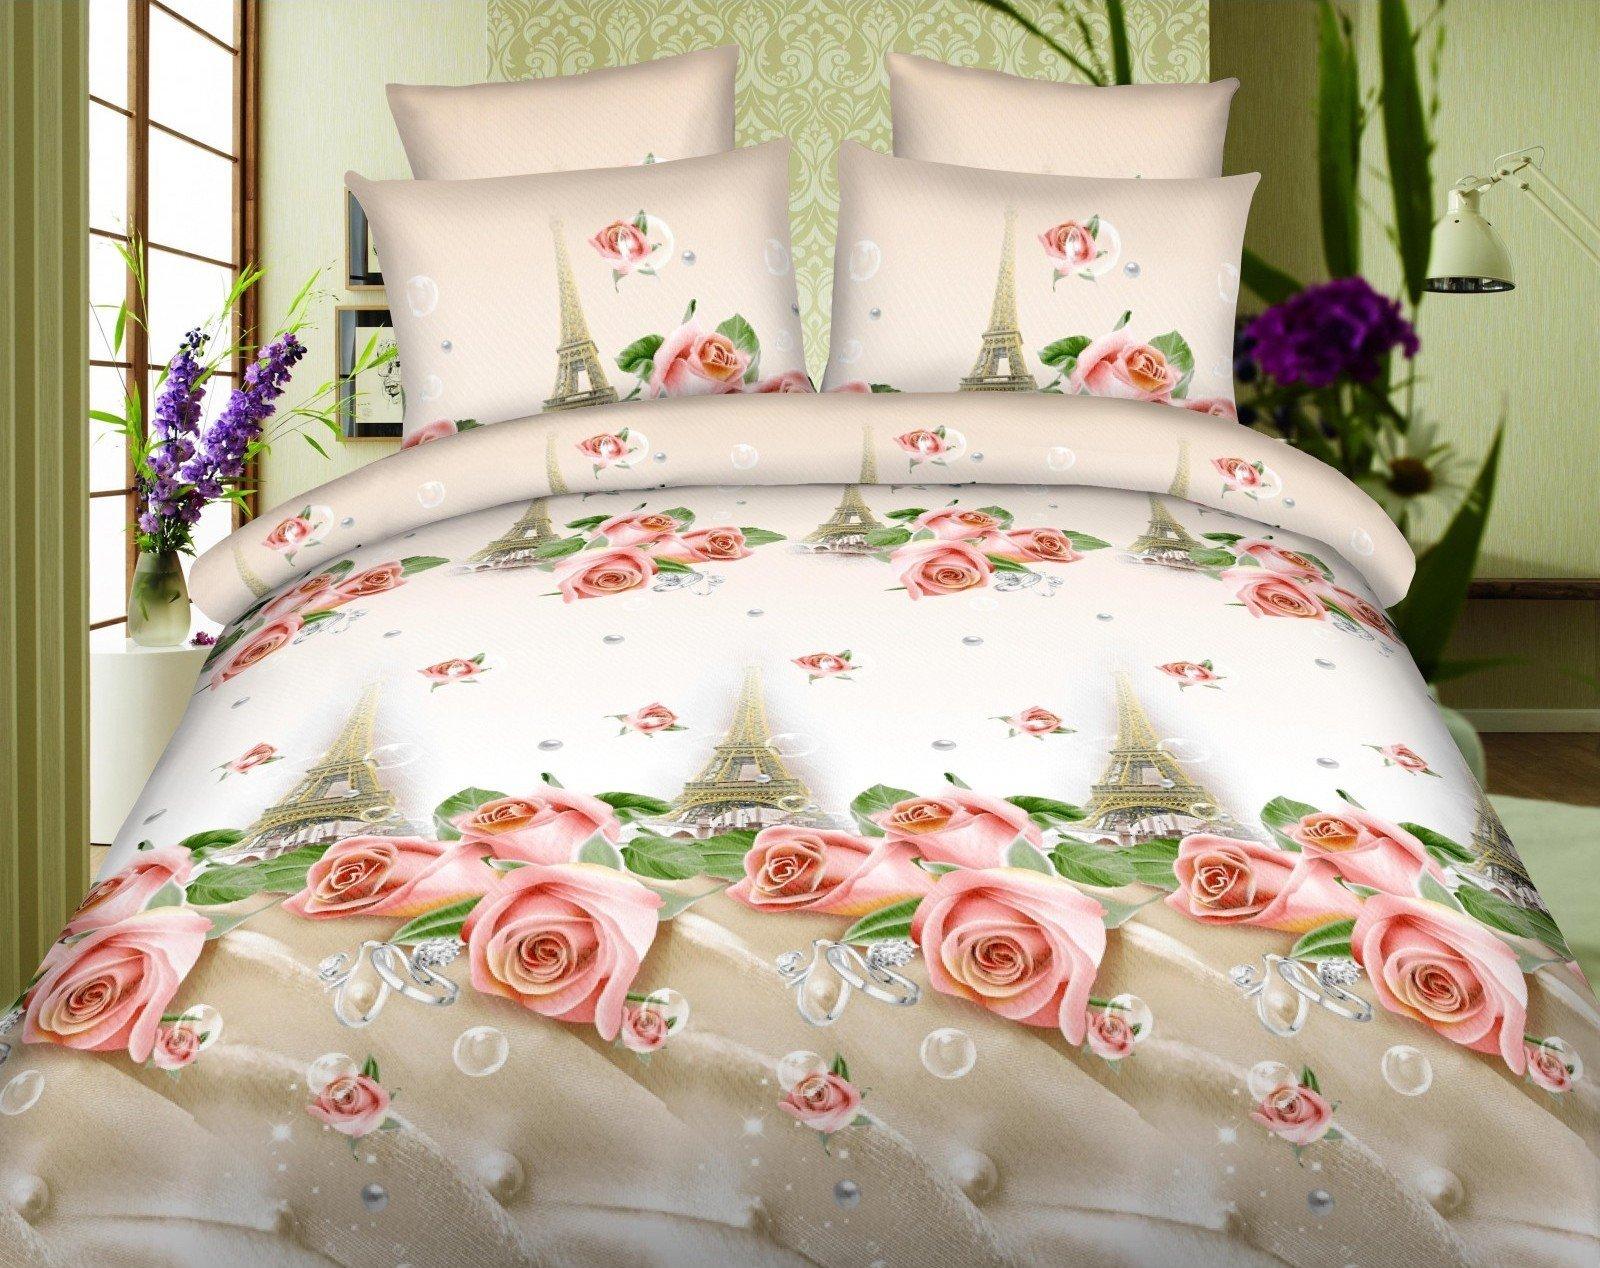 Постільна білизна з розміром простирадла 215 х 240 см купити в Київі ... f924fba0b8218